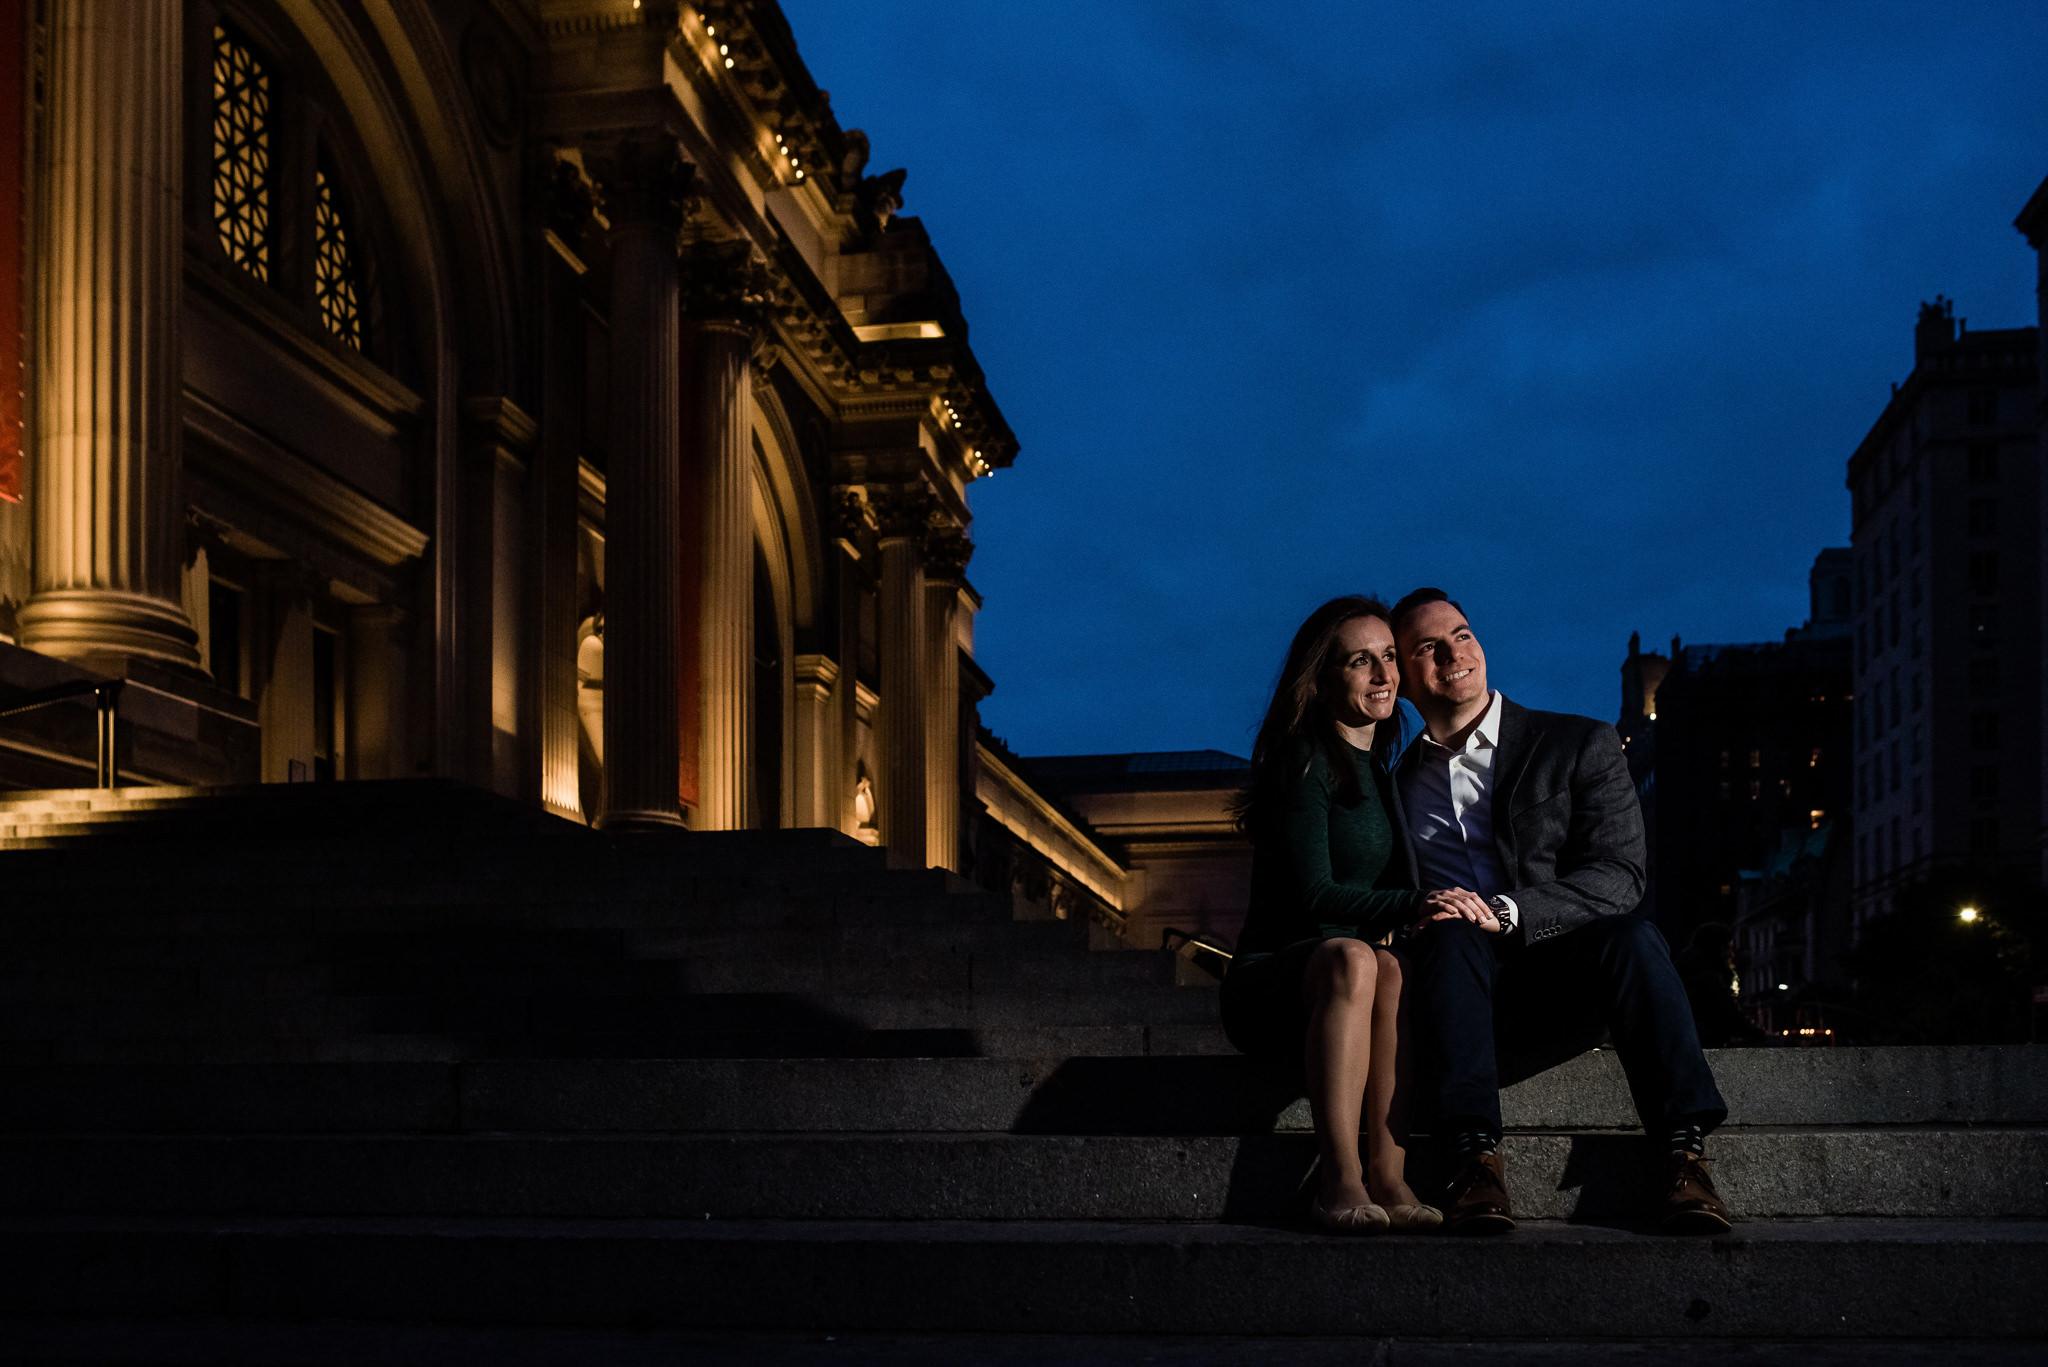 NEW_JERSEY_WEDDING_PHOTOGRAPHER_ARMZ_Z75_1677.jpg